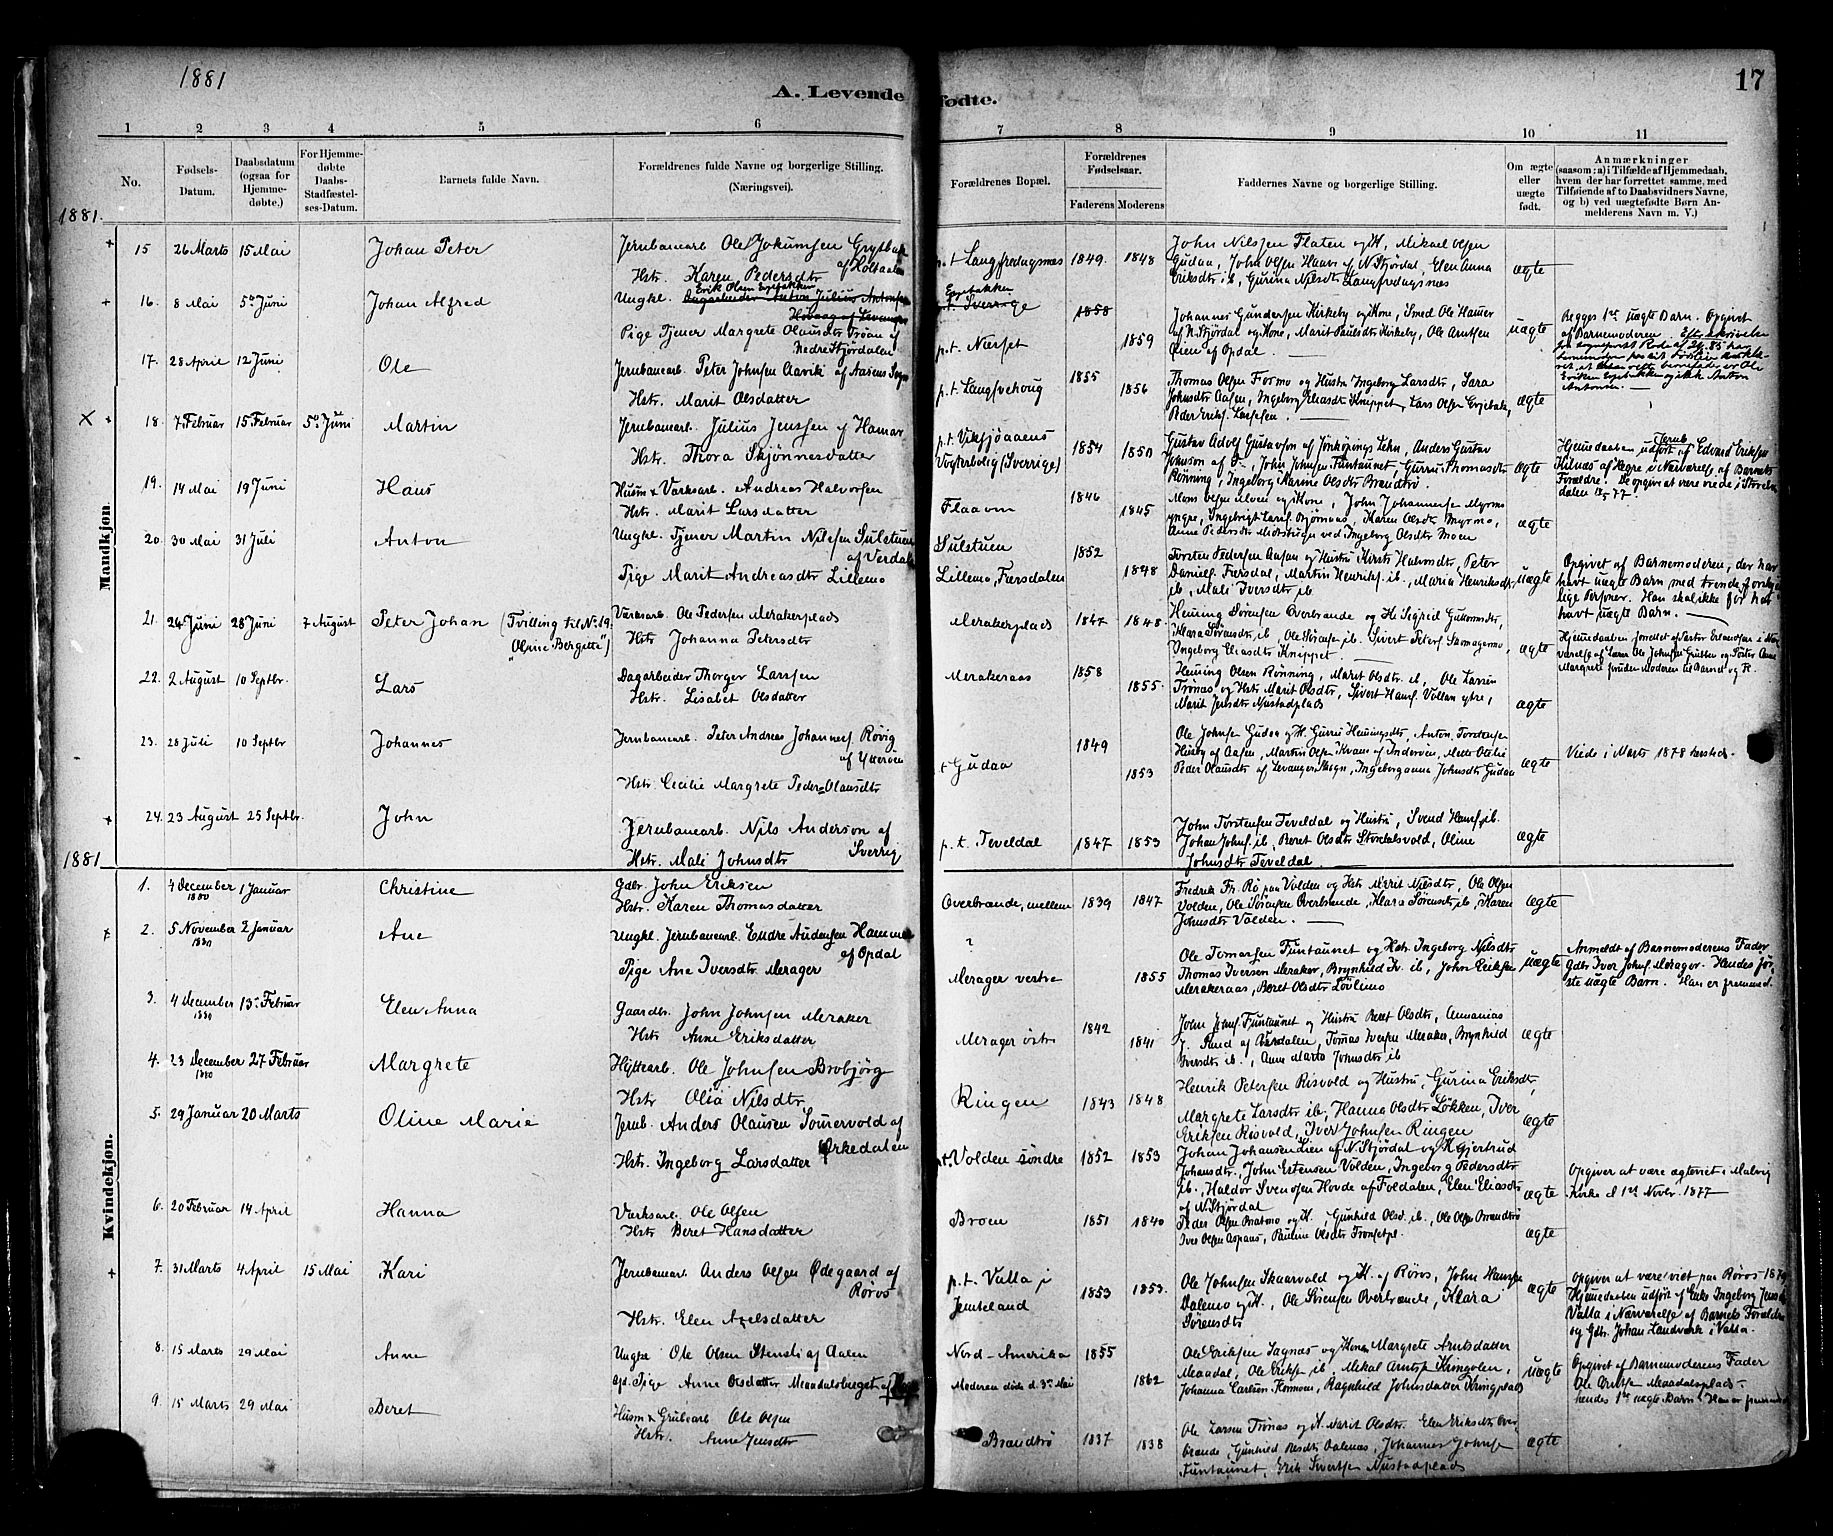 SAT, Ministerialprotokoller, klokkerbøker og fødselsregistre - Nord-Trøndelag, 706/L0047: Ministerialbok nr. 706A03, 1878-1892, s. 17